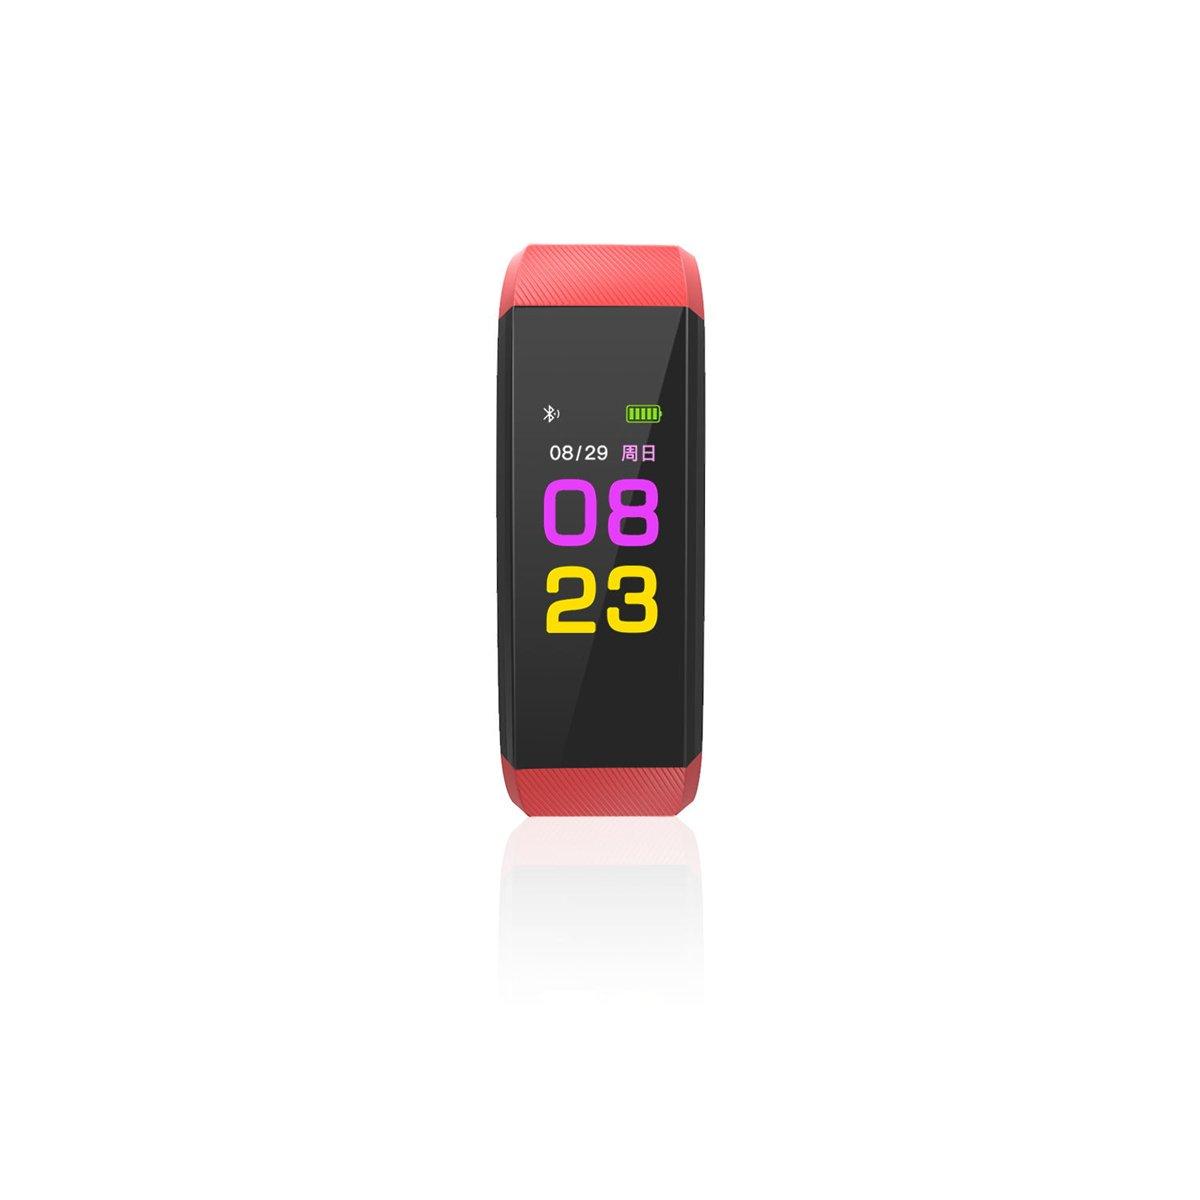 SLGJYY Modelos Color Smart Sport Bluetooth Pulsera Pulso Tensiómetro de Sangre Oxígeno Resistente al Agua Podómetro Übung Pulsera, Color Rojo: Amazon.es: ...